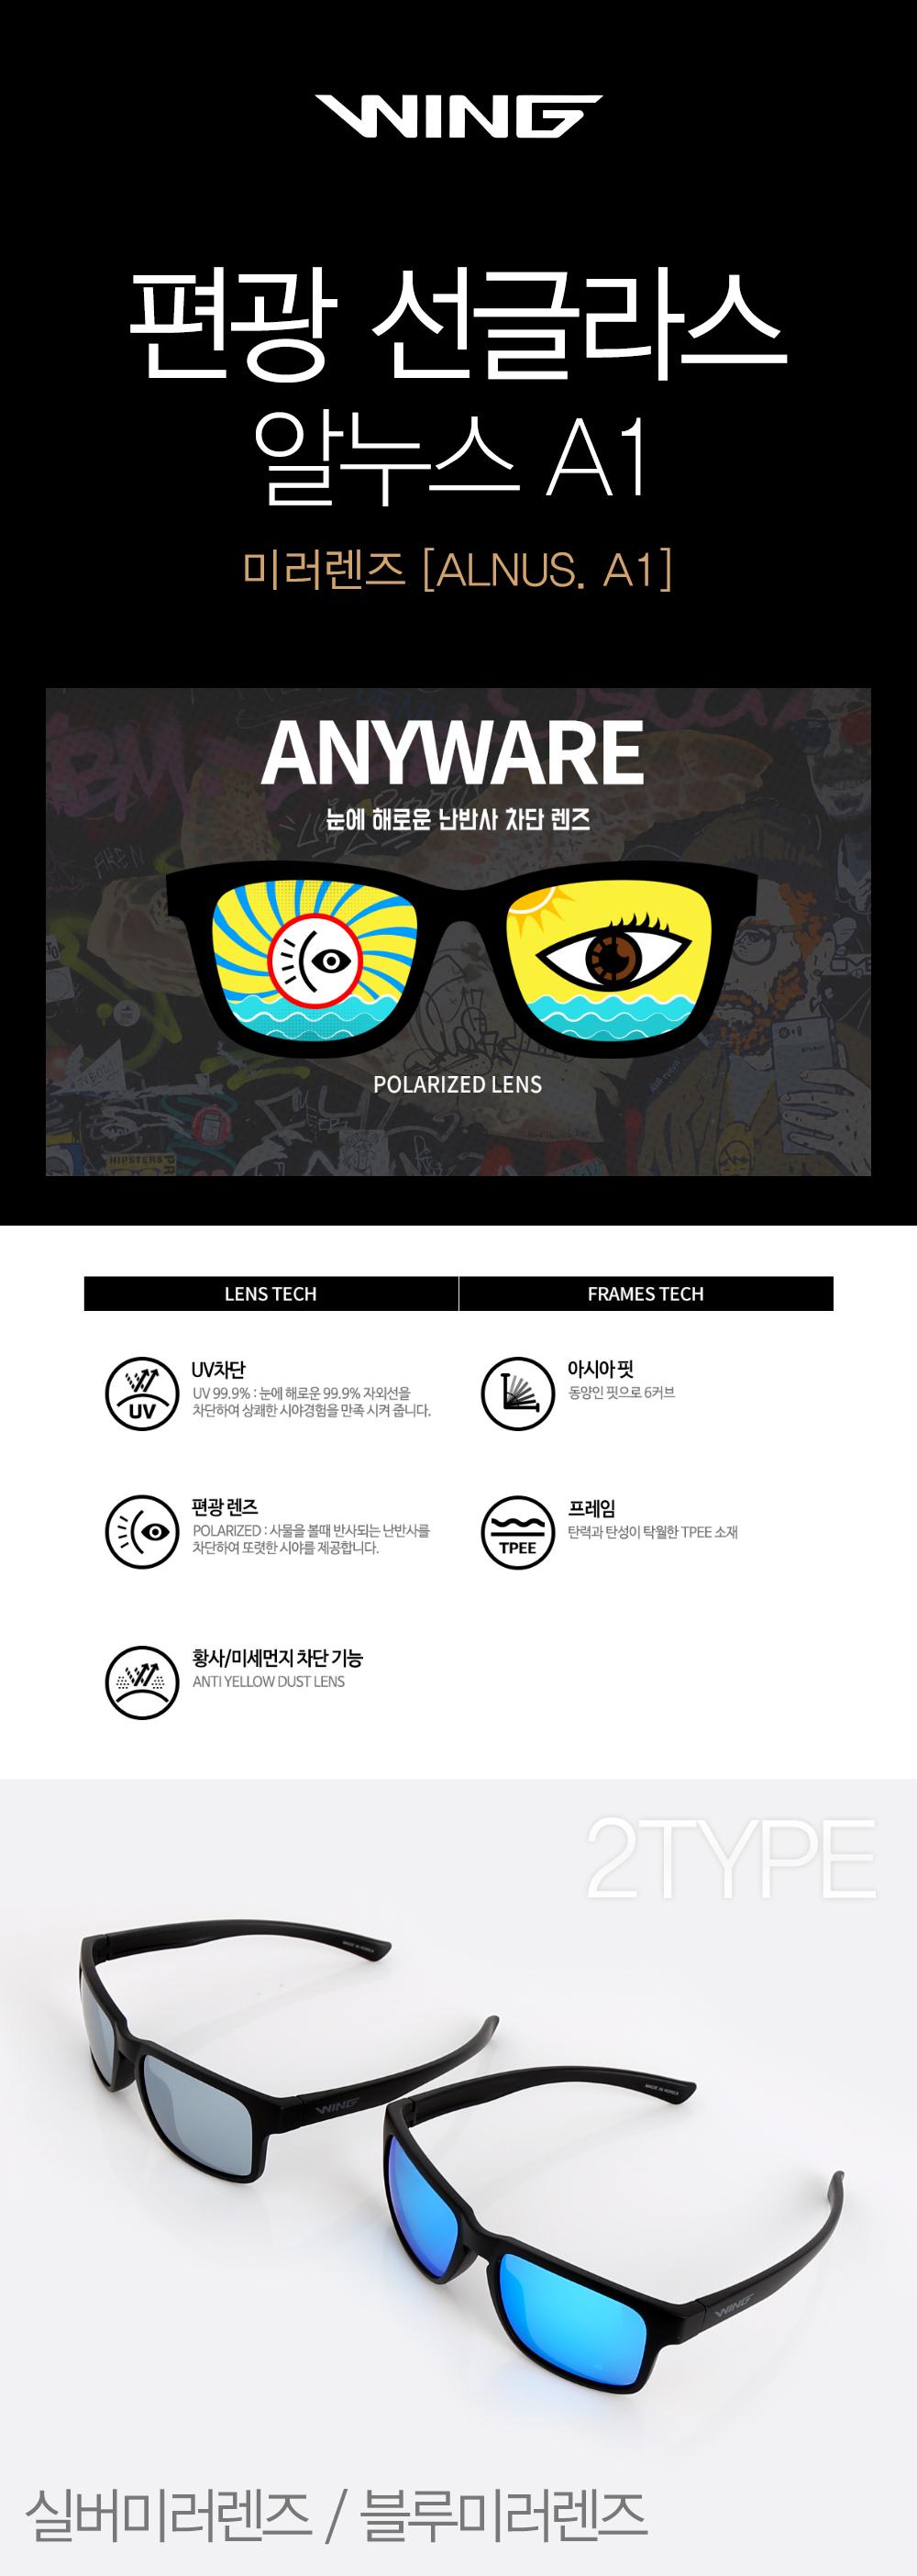 WING 편광 미러 선글라스 알누스 A1  KC인증제품 WING 편광선글라스 편광썬글라스 썬글라스 선글라스 편광안경 안경 고글 편광고글 편광미러 미러안경 미러선글라스 미러썬글라스 미러고글 알누스 ALNUS